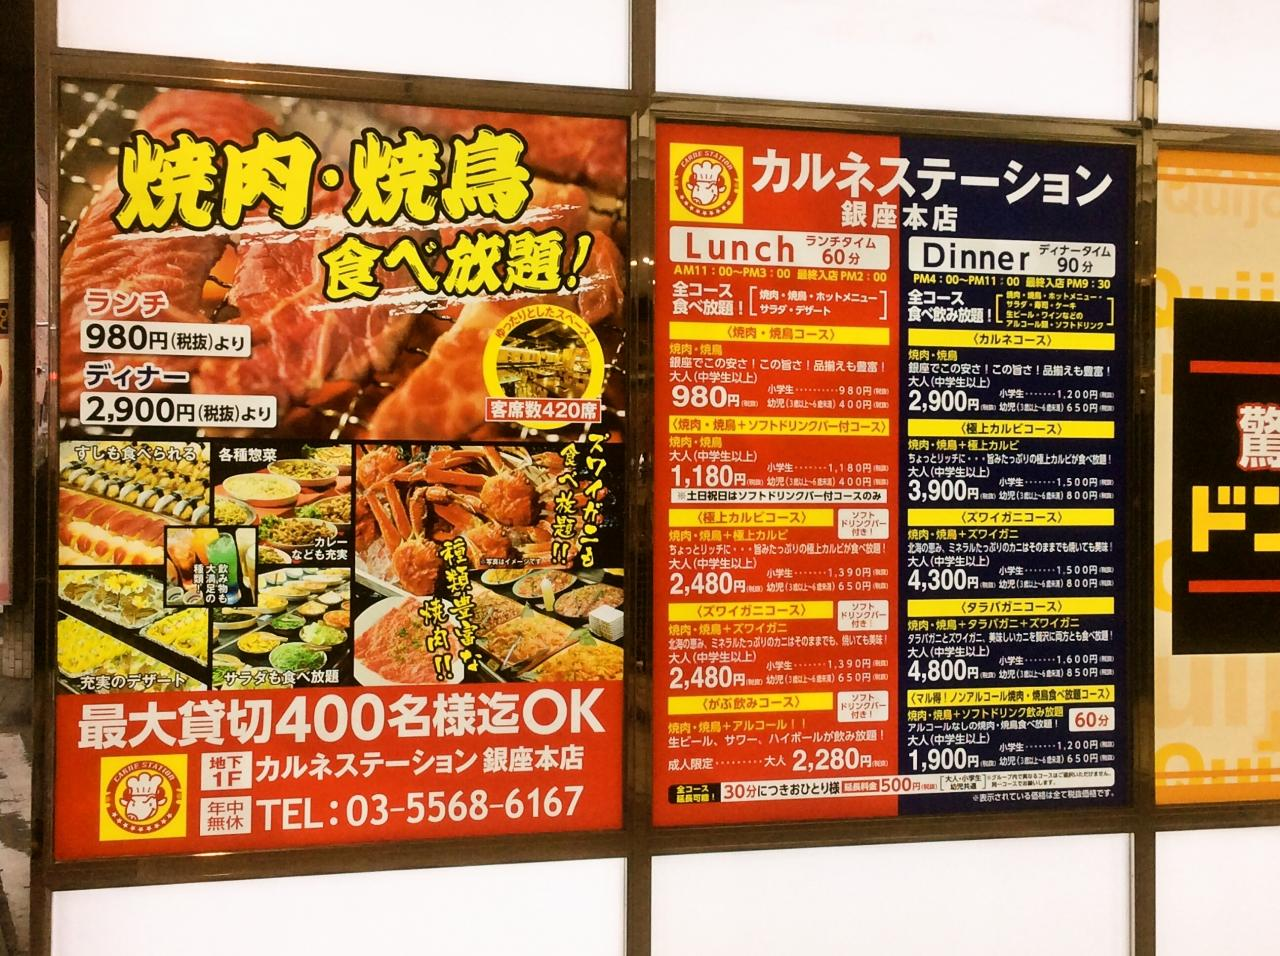 カルネステーション銀座店(店舗)